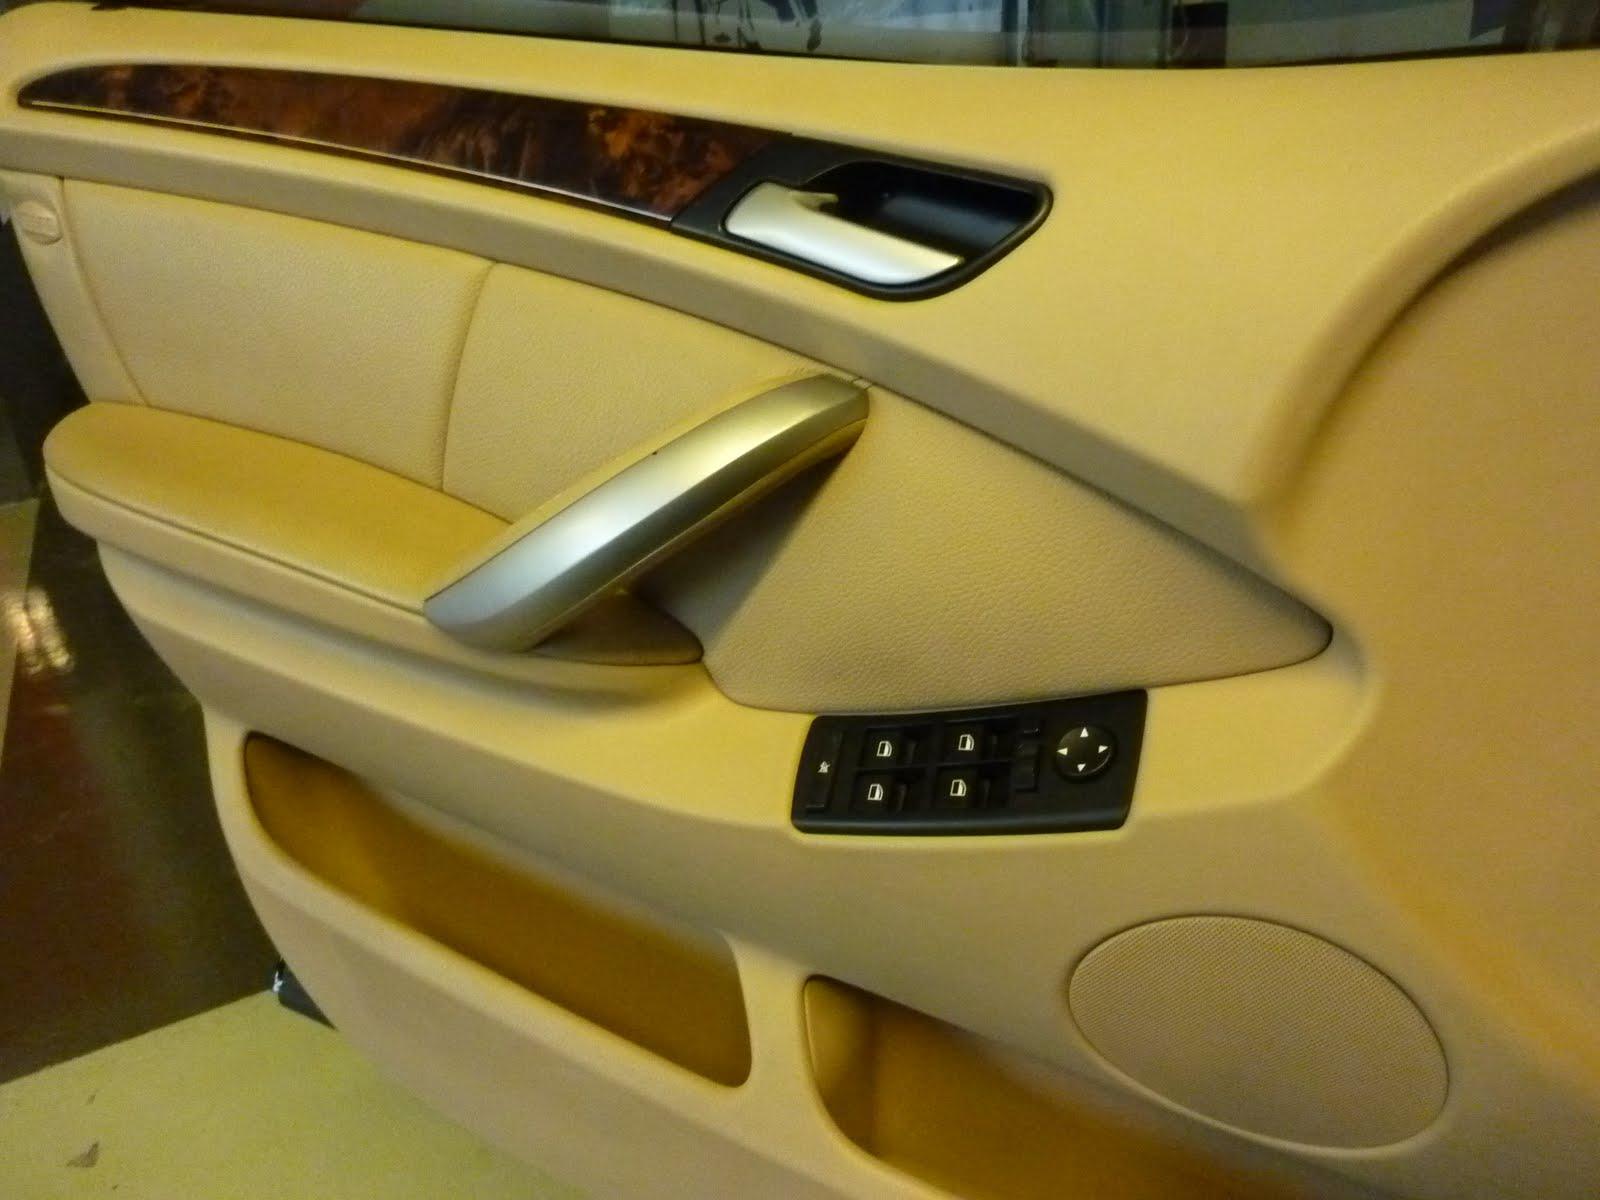 autocoach d p t vente automobile paris bmw x5 3 0da pack luxe 2003. Black Bedroom Furniture Sets. Home Design Ideas